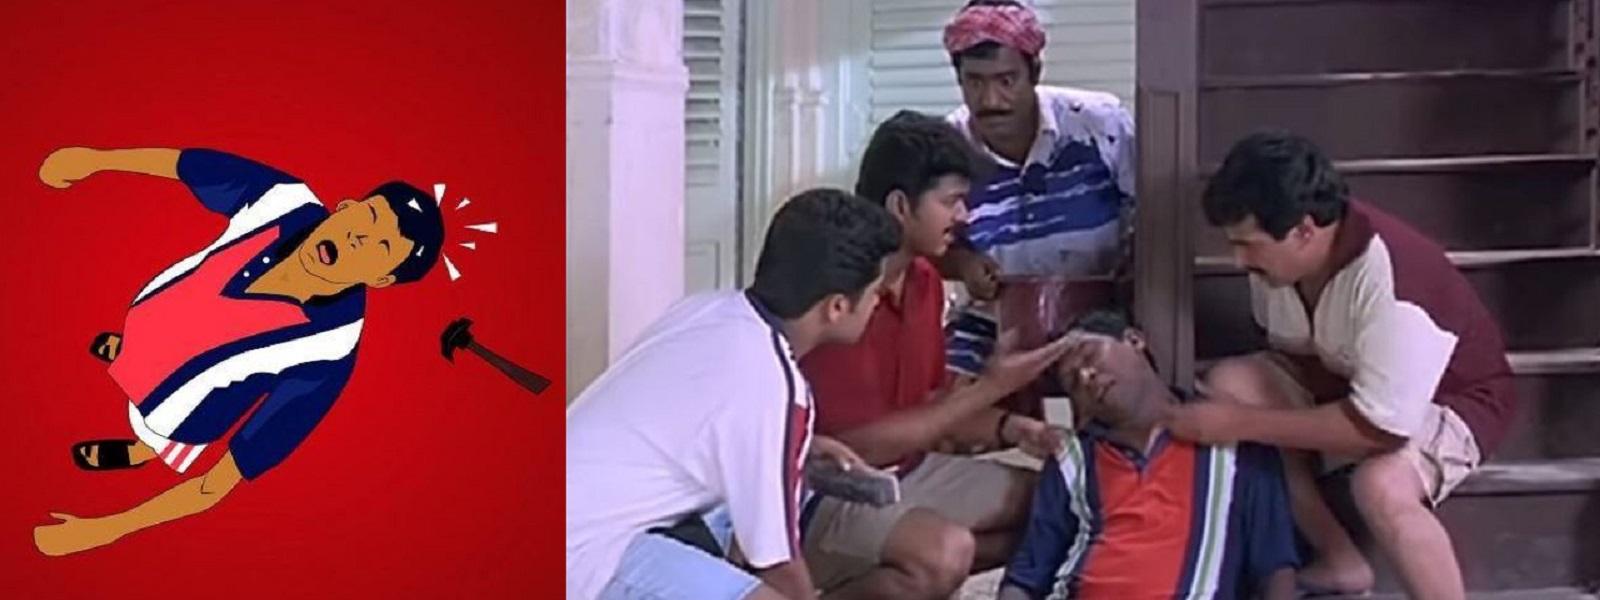 நேசமணிக்காக விடிய விடிய பிரார்த்தித்த ரசிகர்கள்